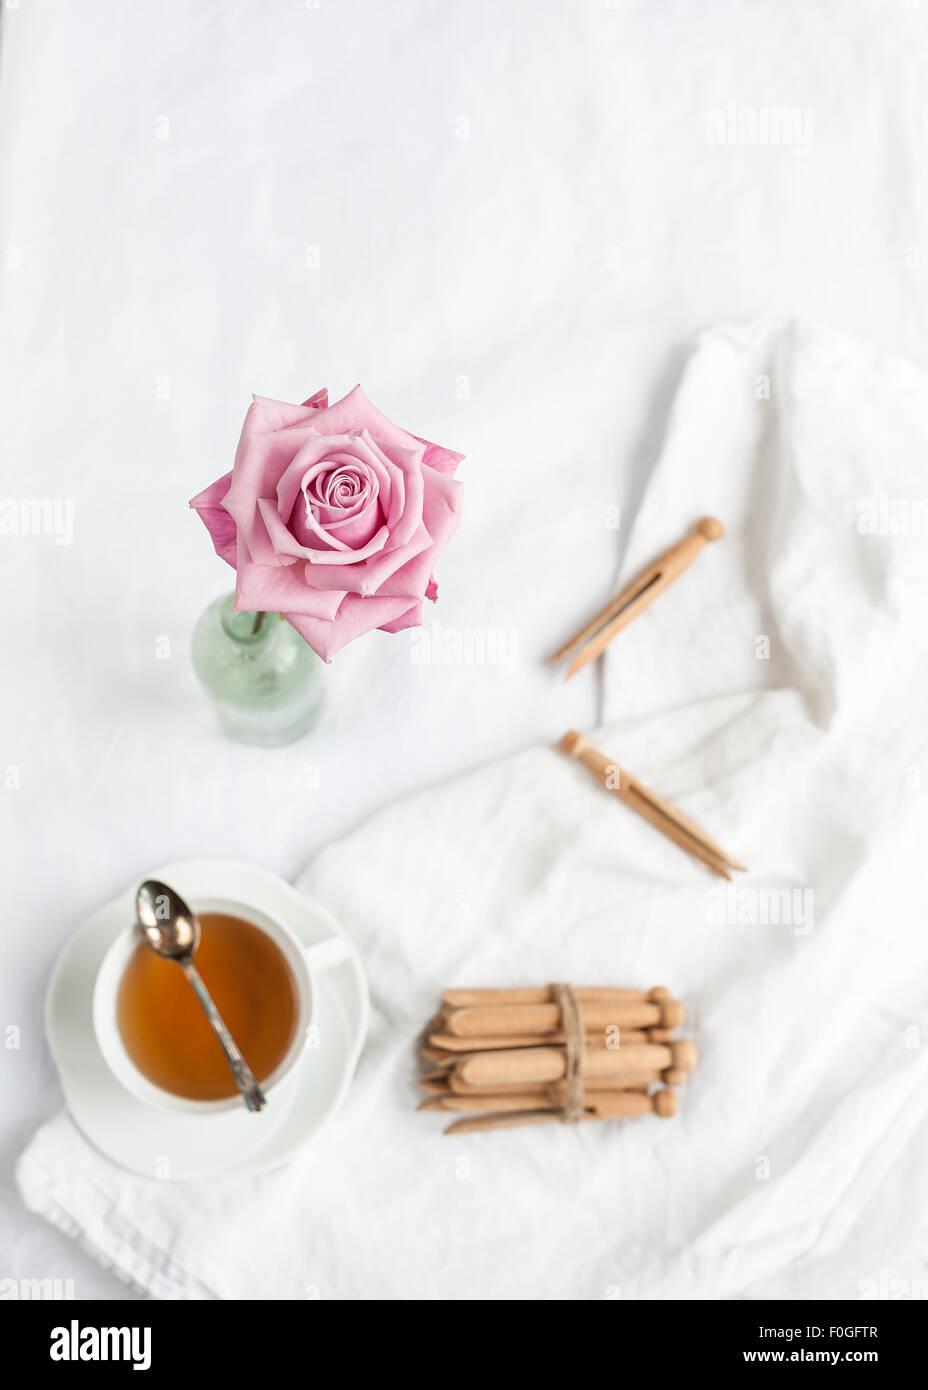 Une seule rose rose dans l'accent, avec arrière-plan flou de tissu blanc, verre avec cuillère à Photo Stock